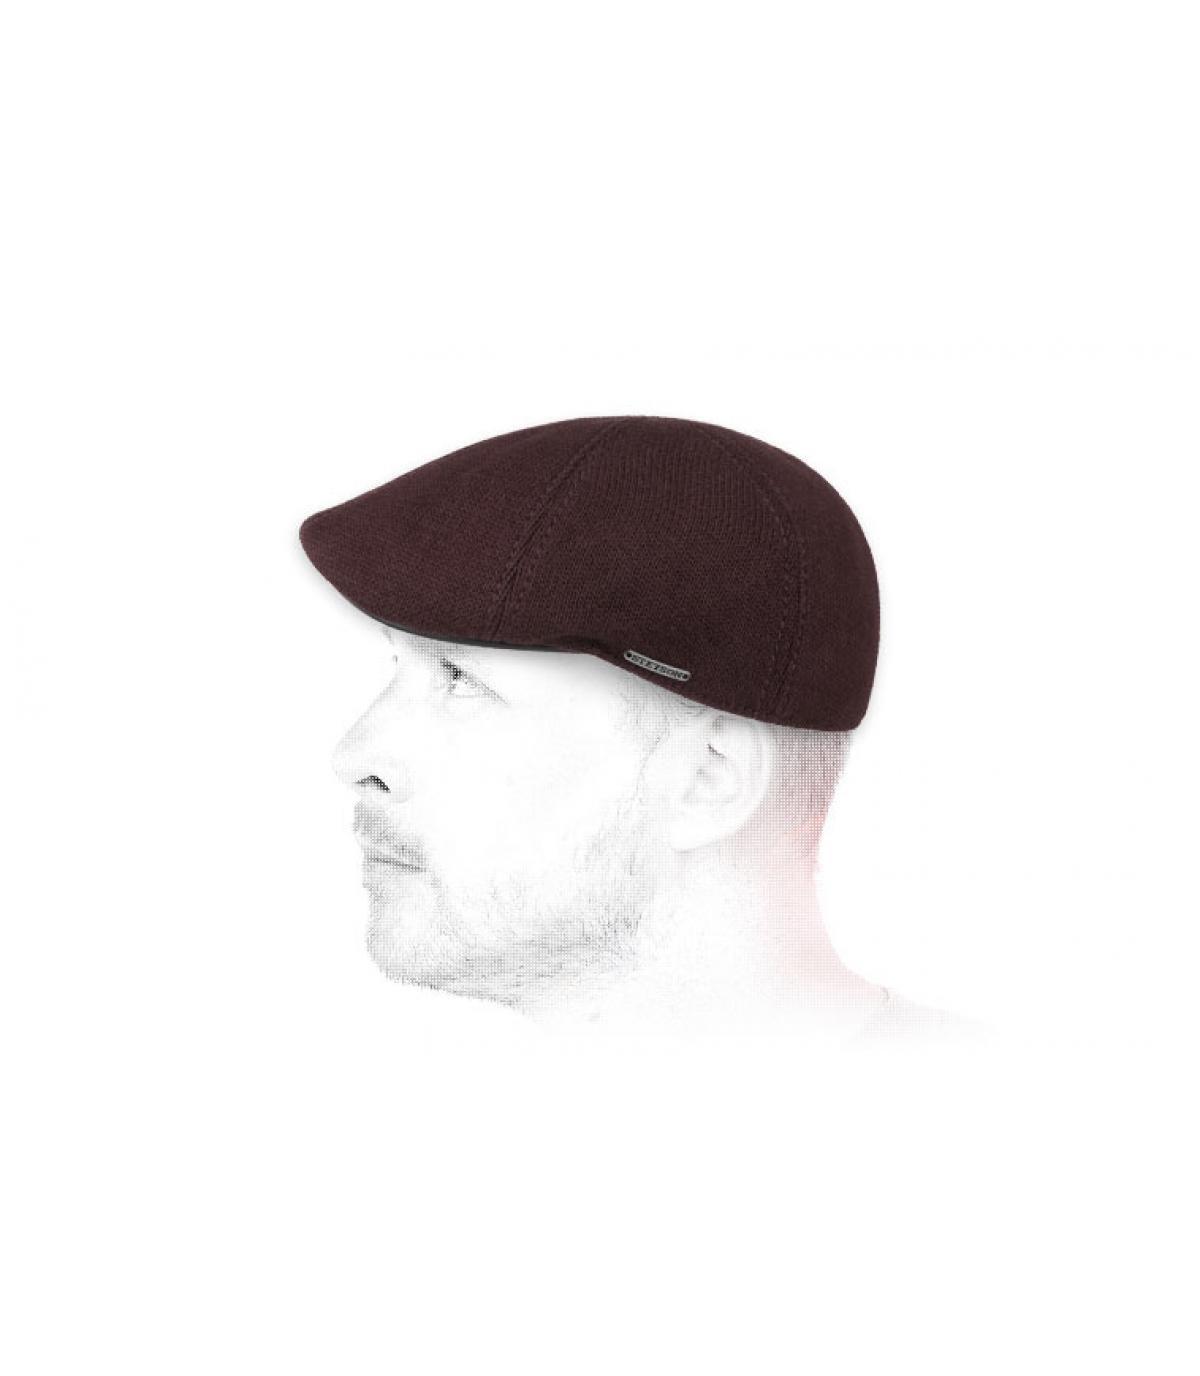 burgundy duckbill cap